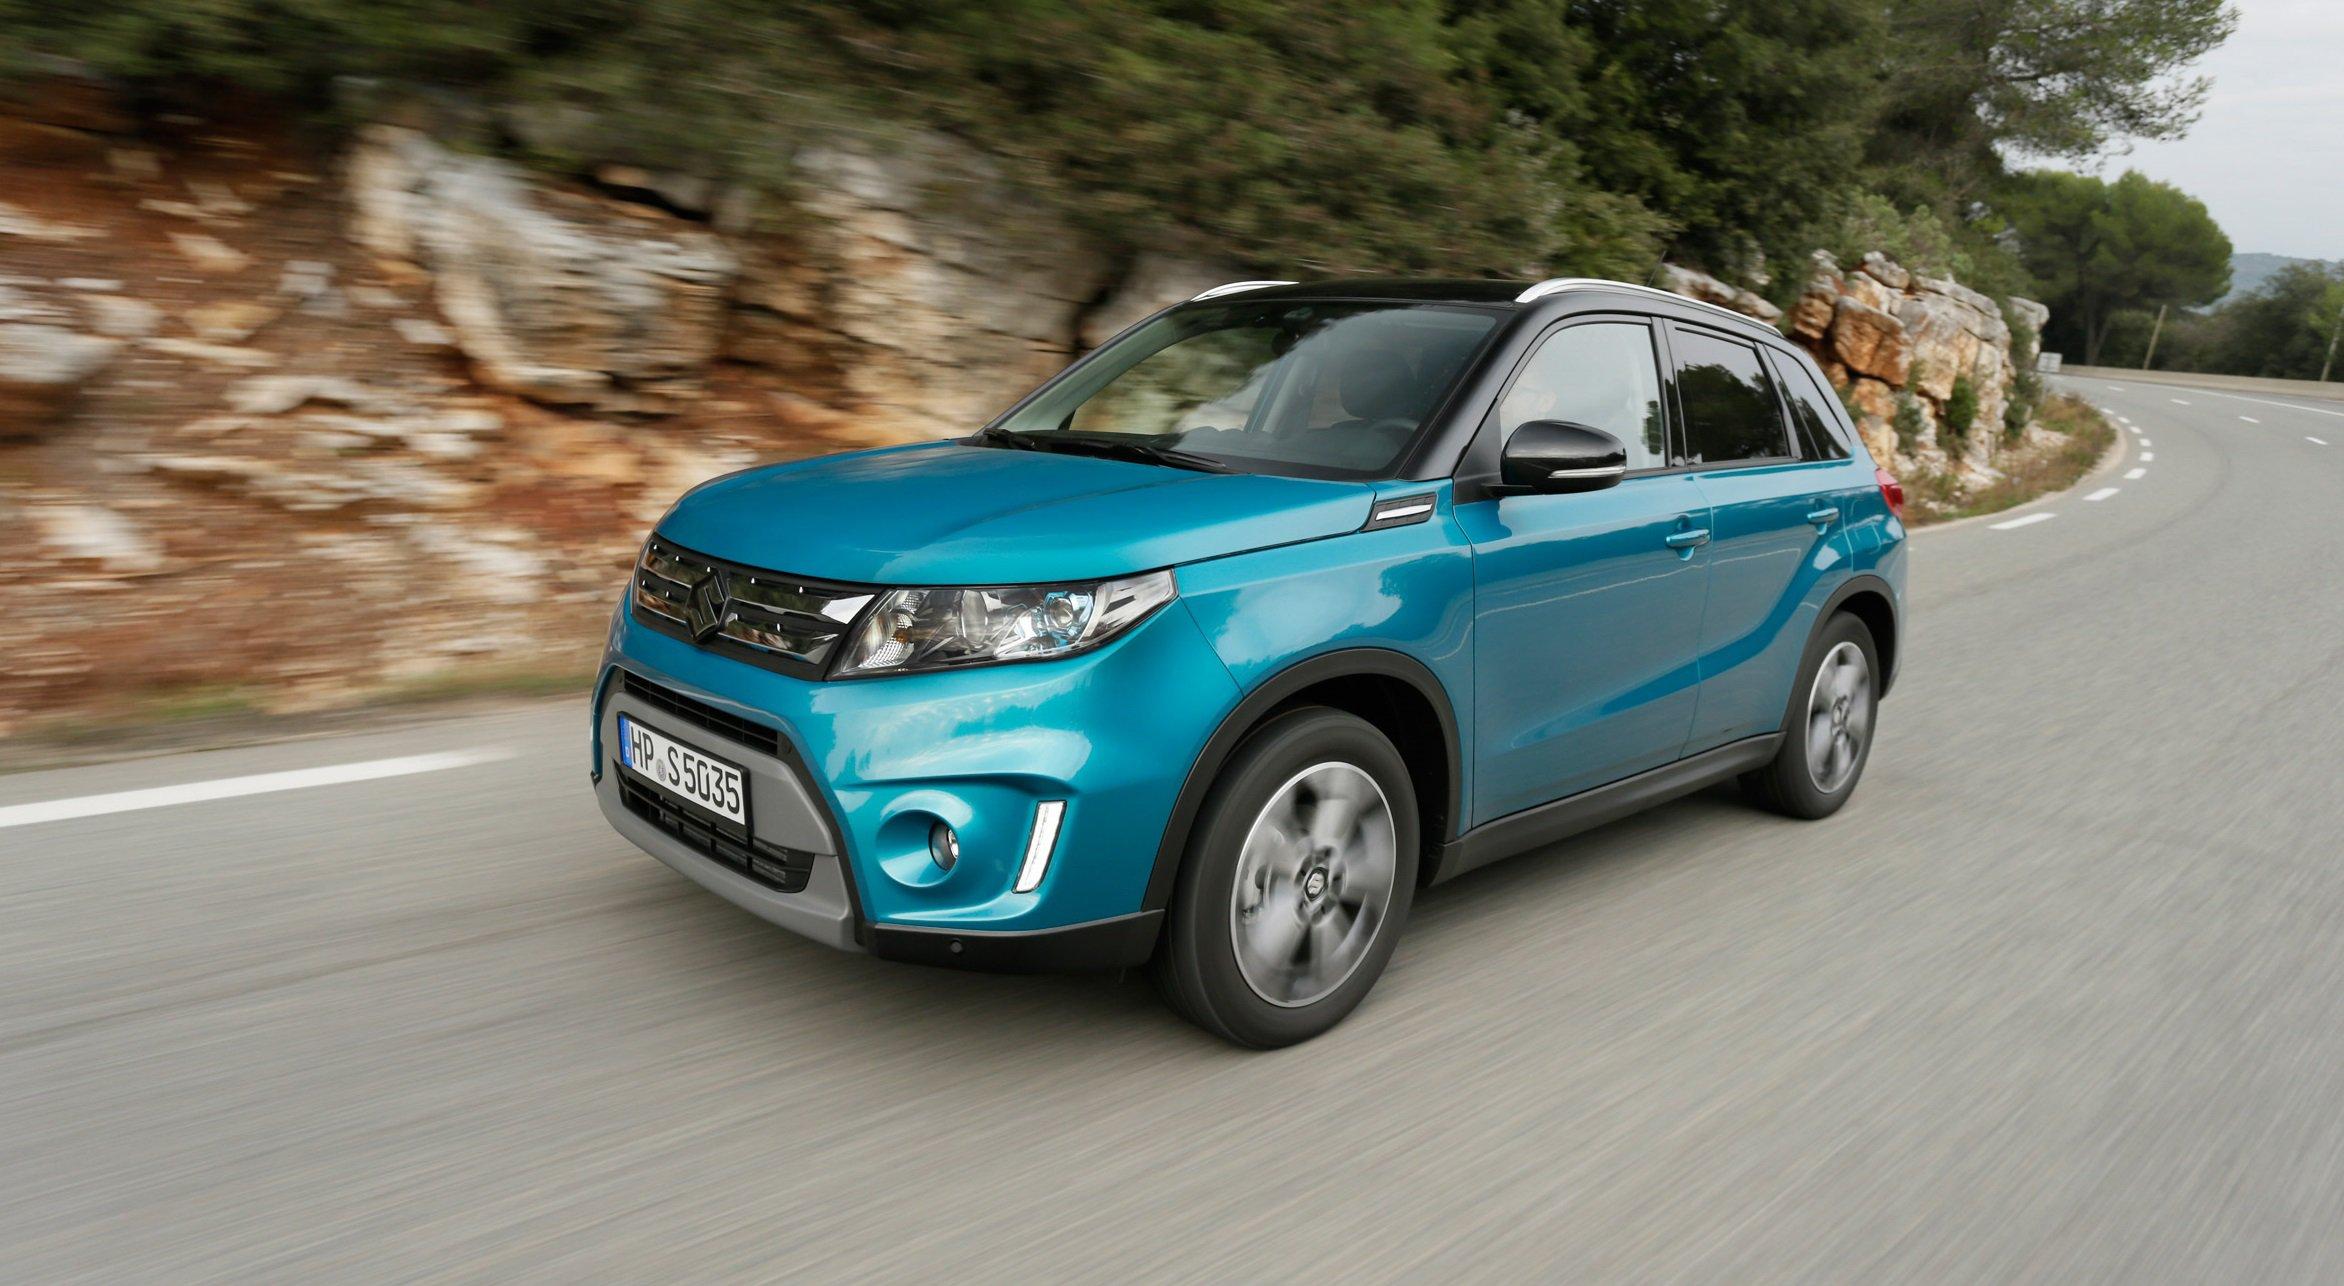 Тест-драйв новой Suzuki Vitara: первые впечатления